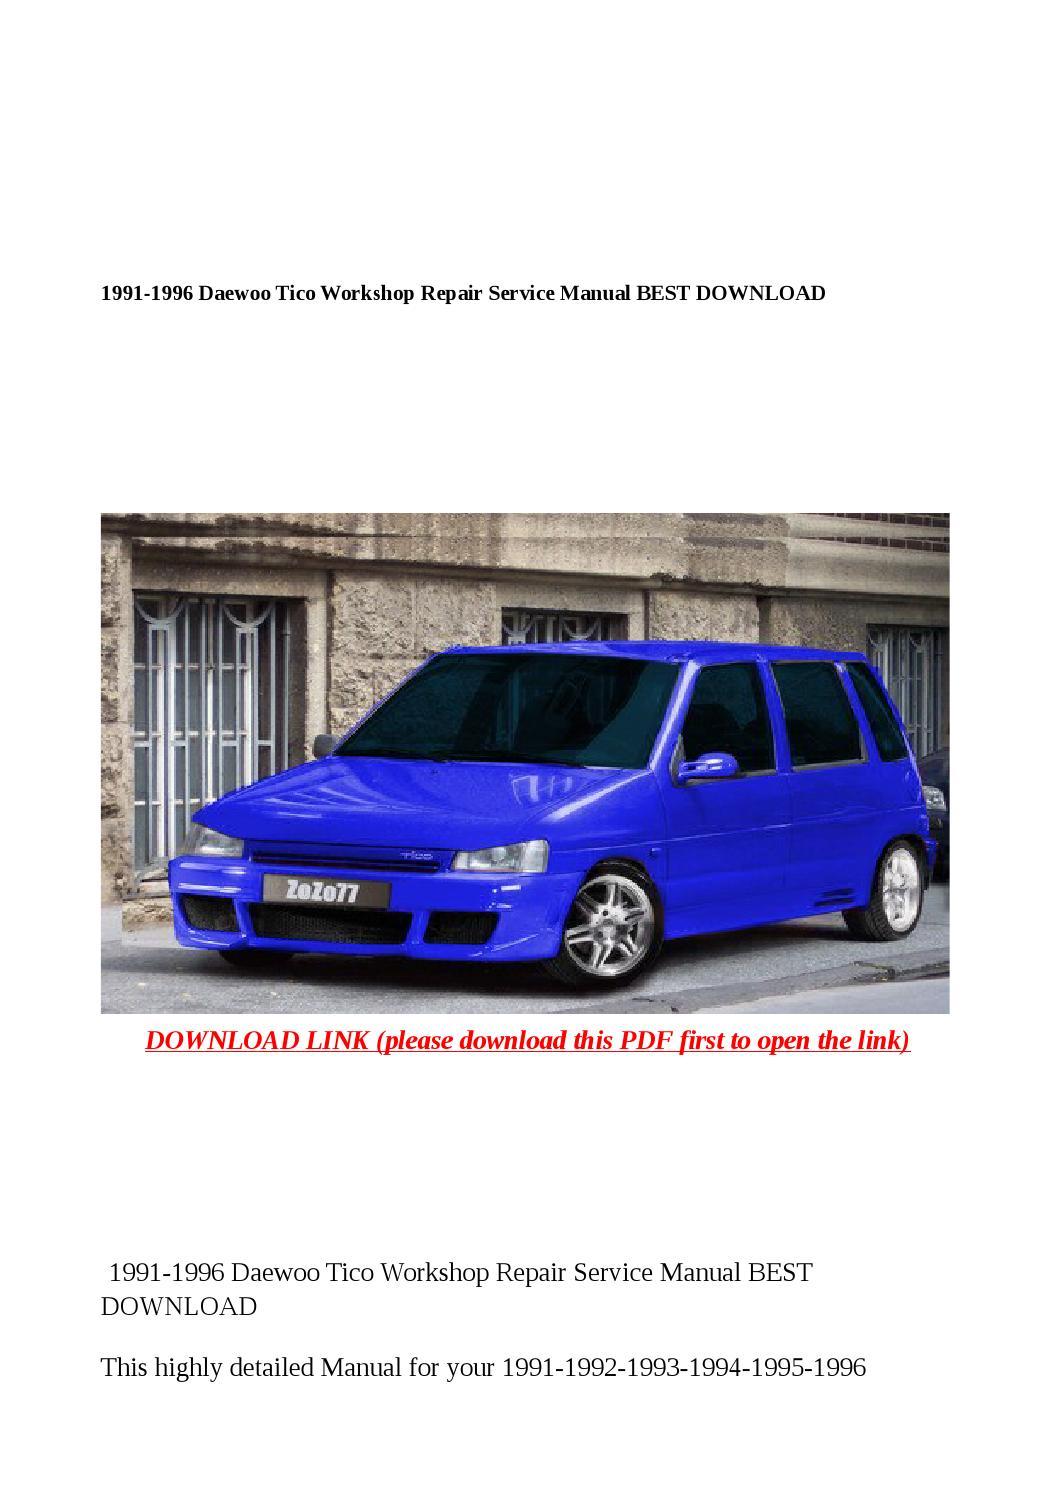 1991 1996 daewoo tico workshop repair service manual best download by steve  - issuu